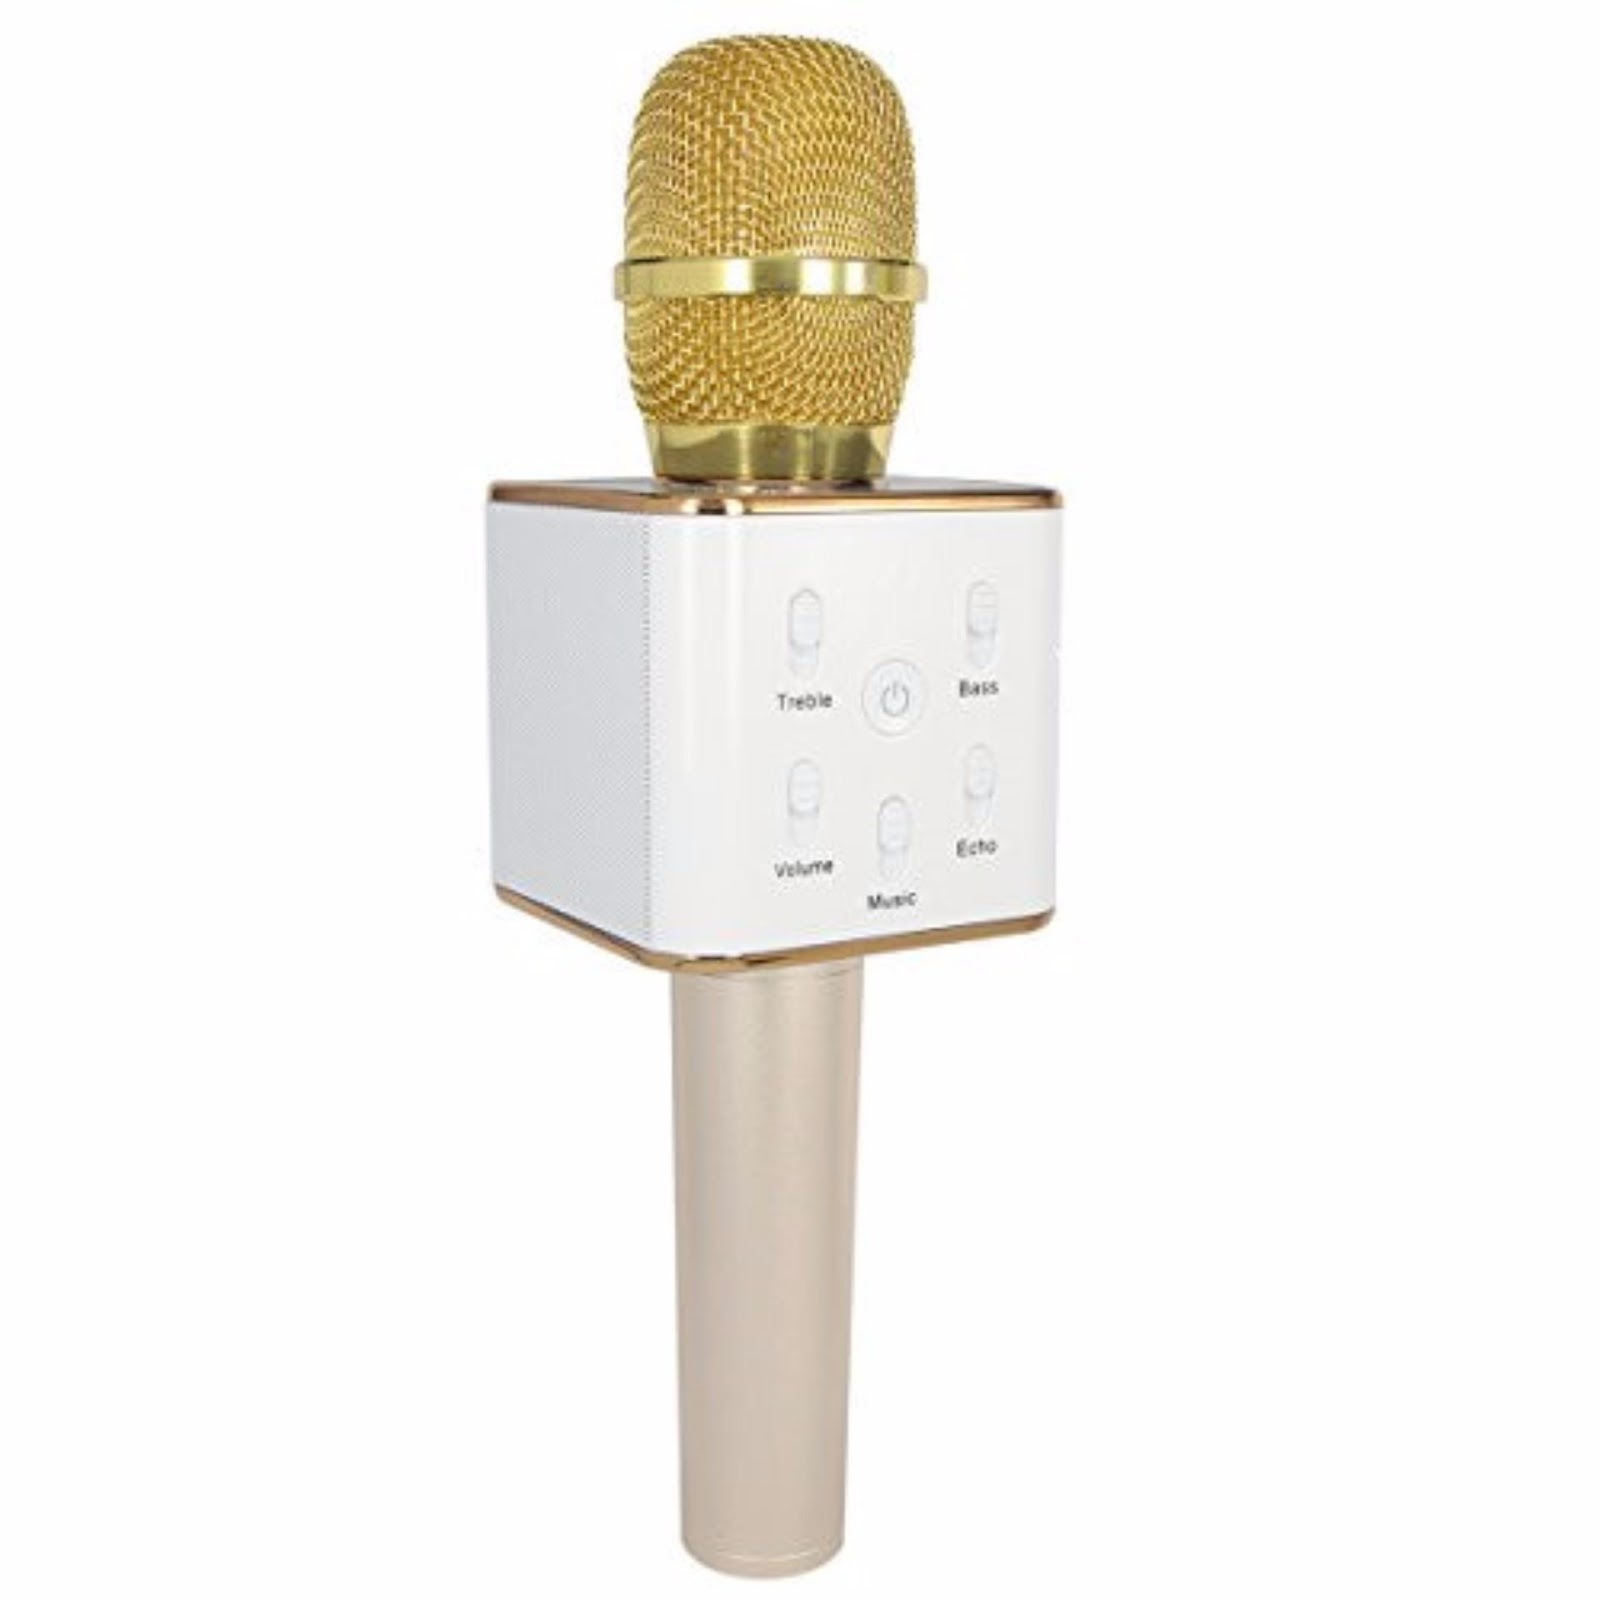 Image result for Micro mini hỗ trợ hát karaoke trên điện thoại di động liệu có thực sự tốt